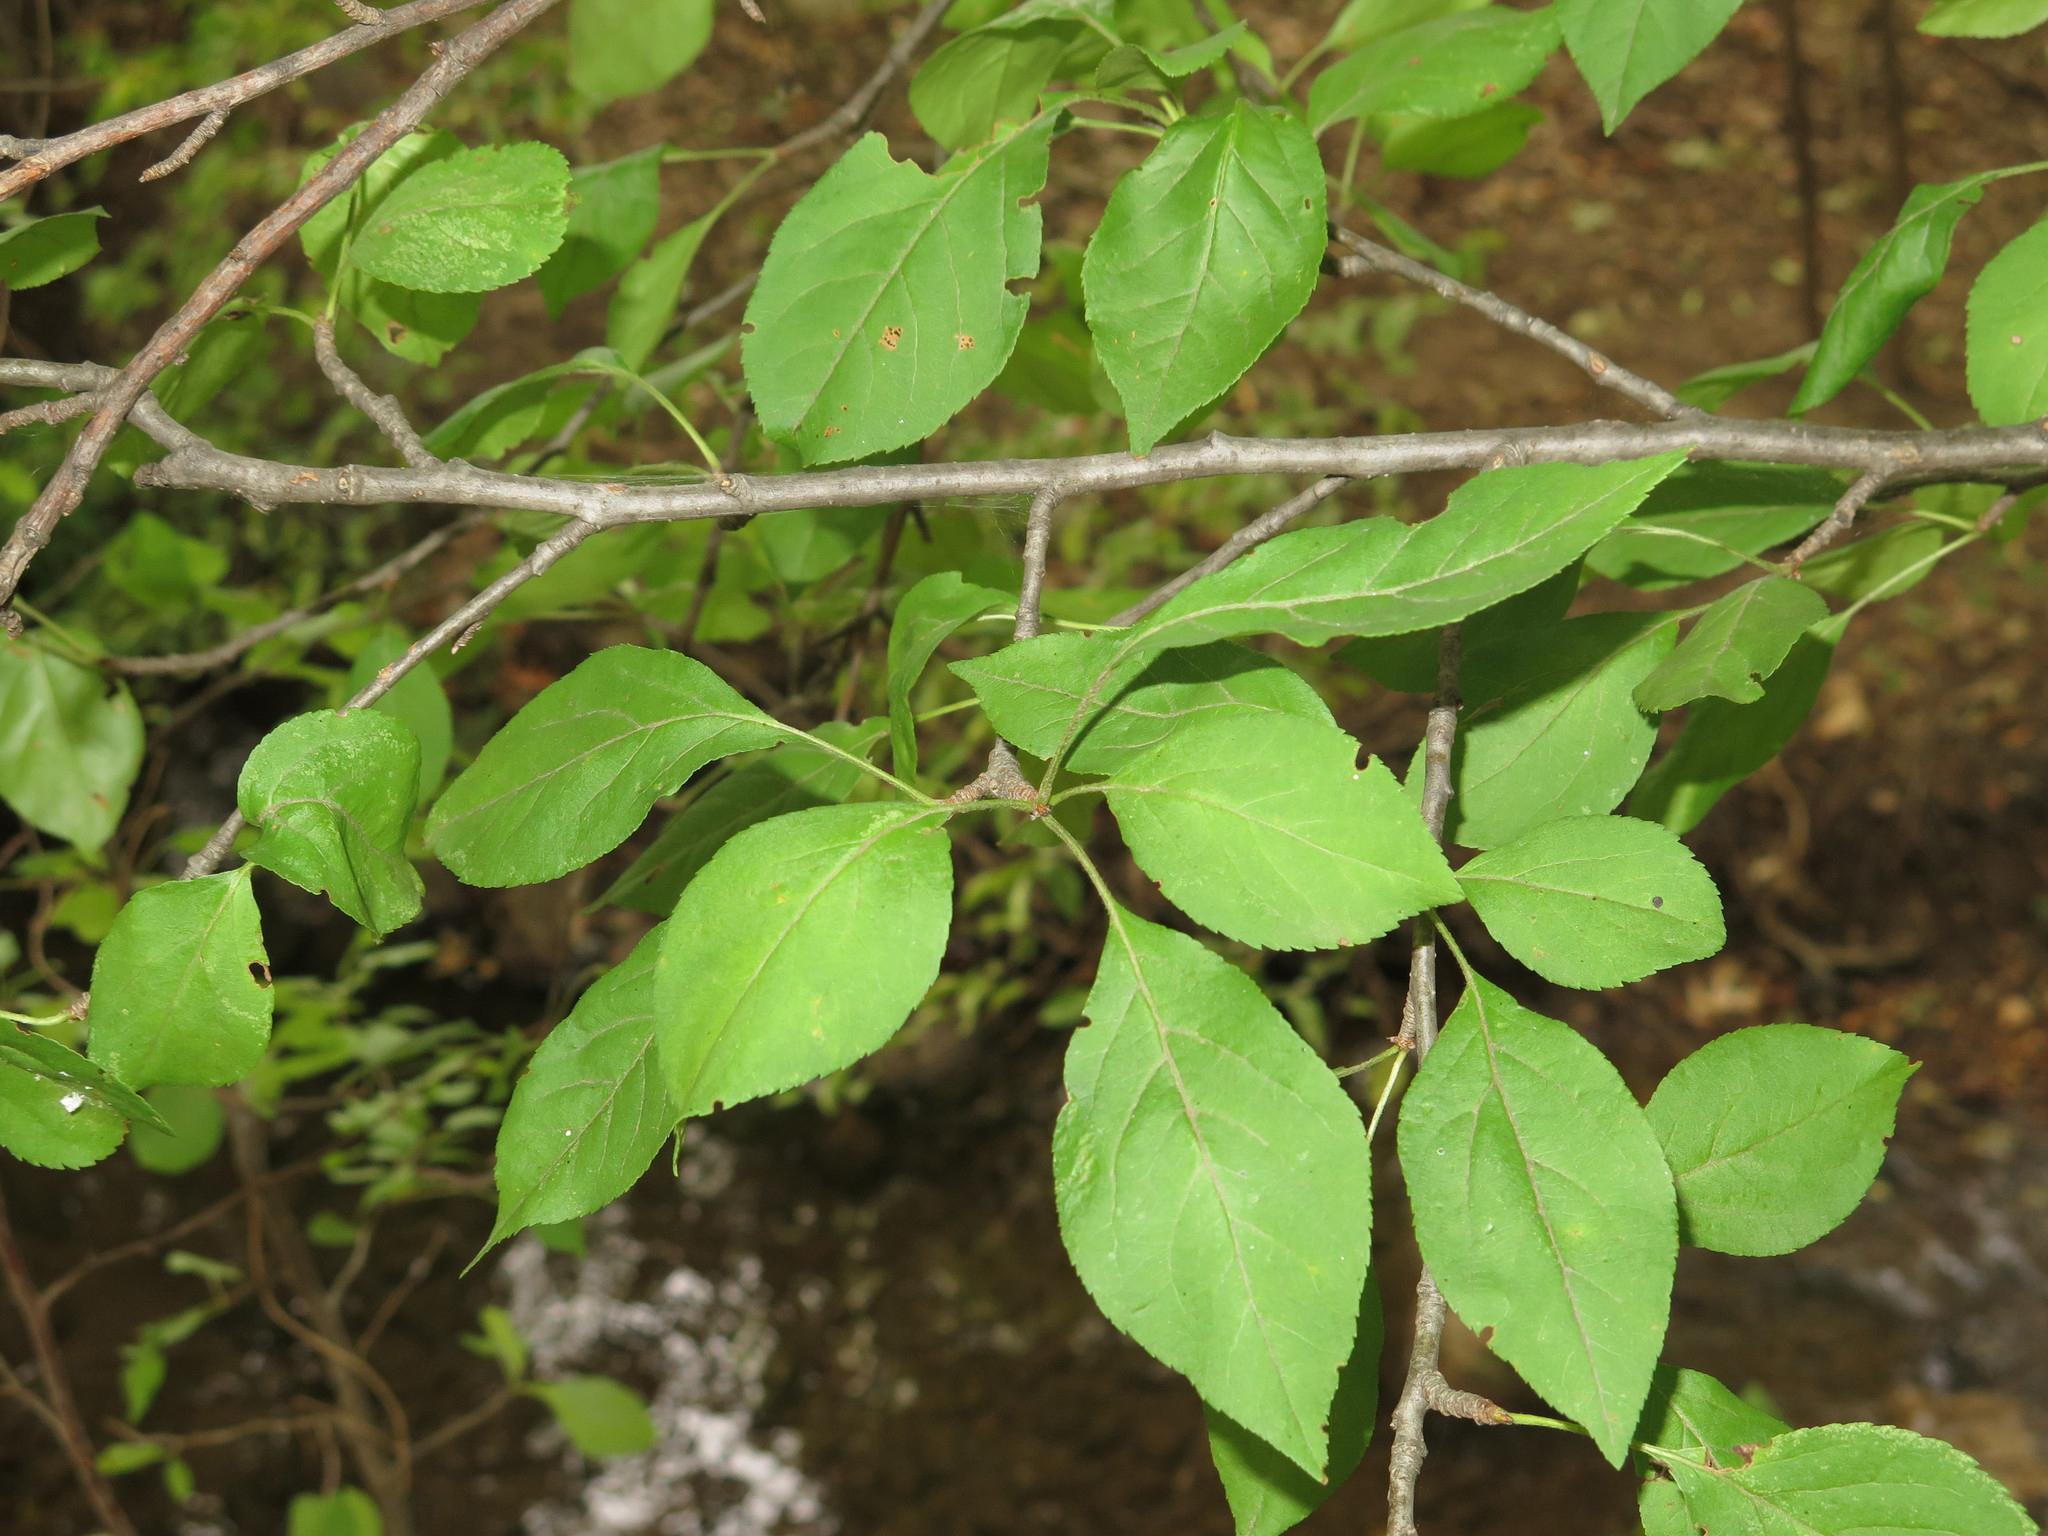 Apple-leaves